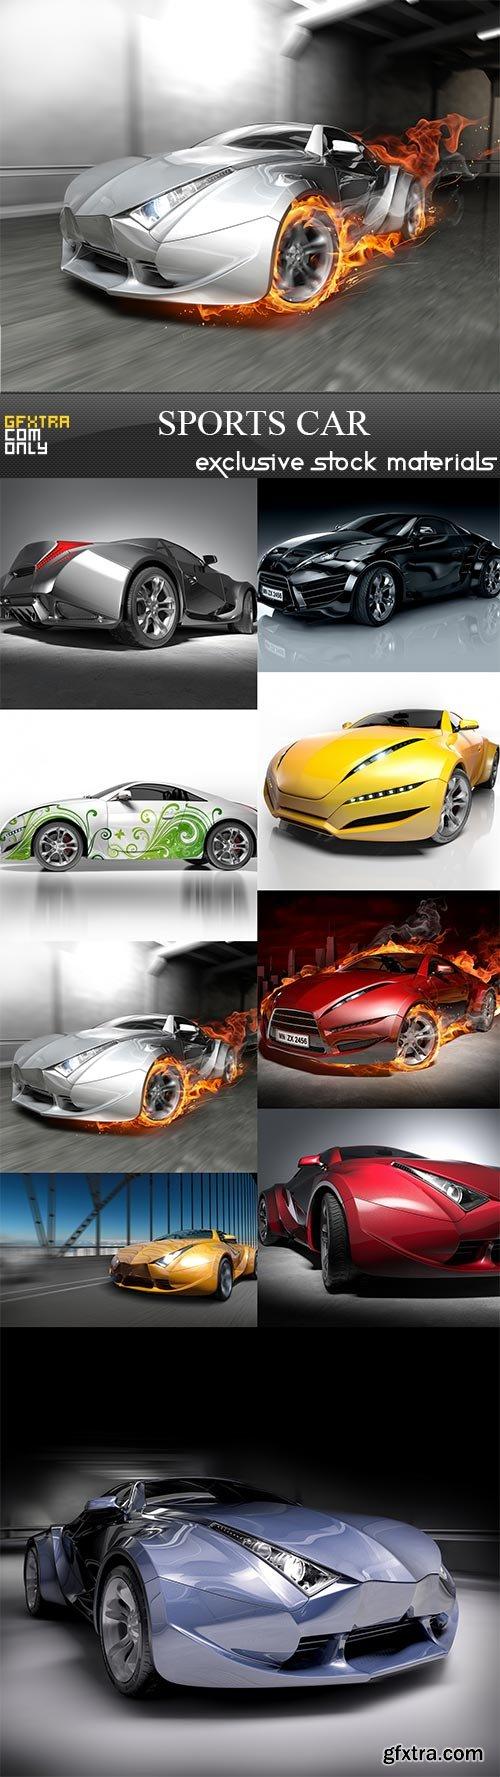 Sports car, 9  x  UHQ JPEG